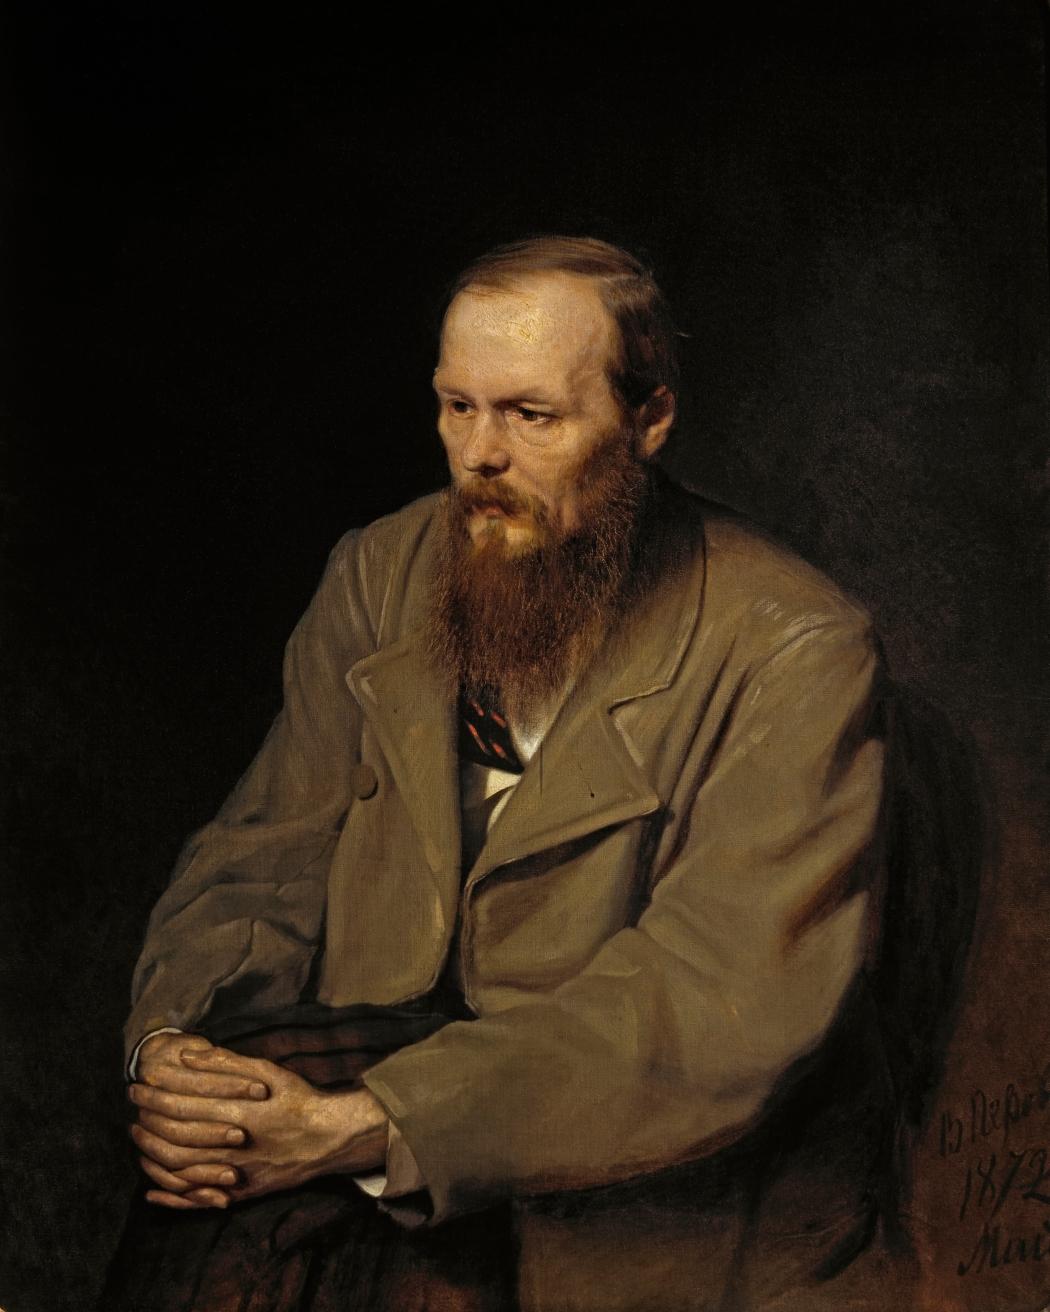 Vasily_Perov_-_Портрет_Ф.М.Достоевского_-_Google_Art_Project